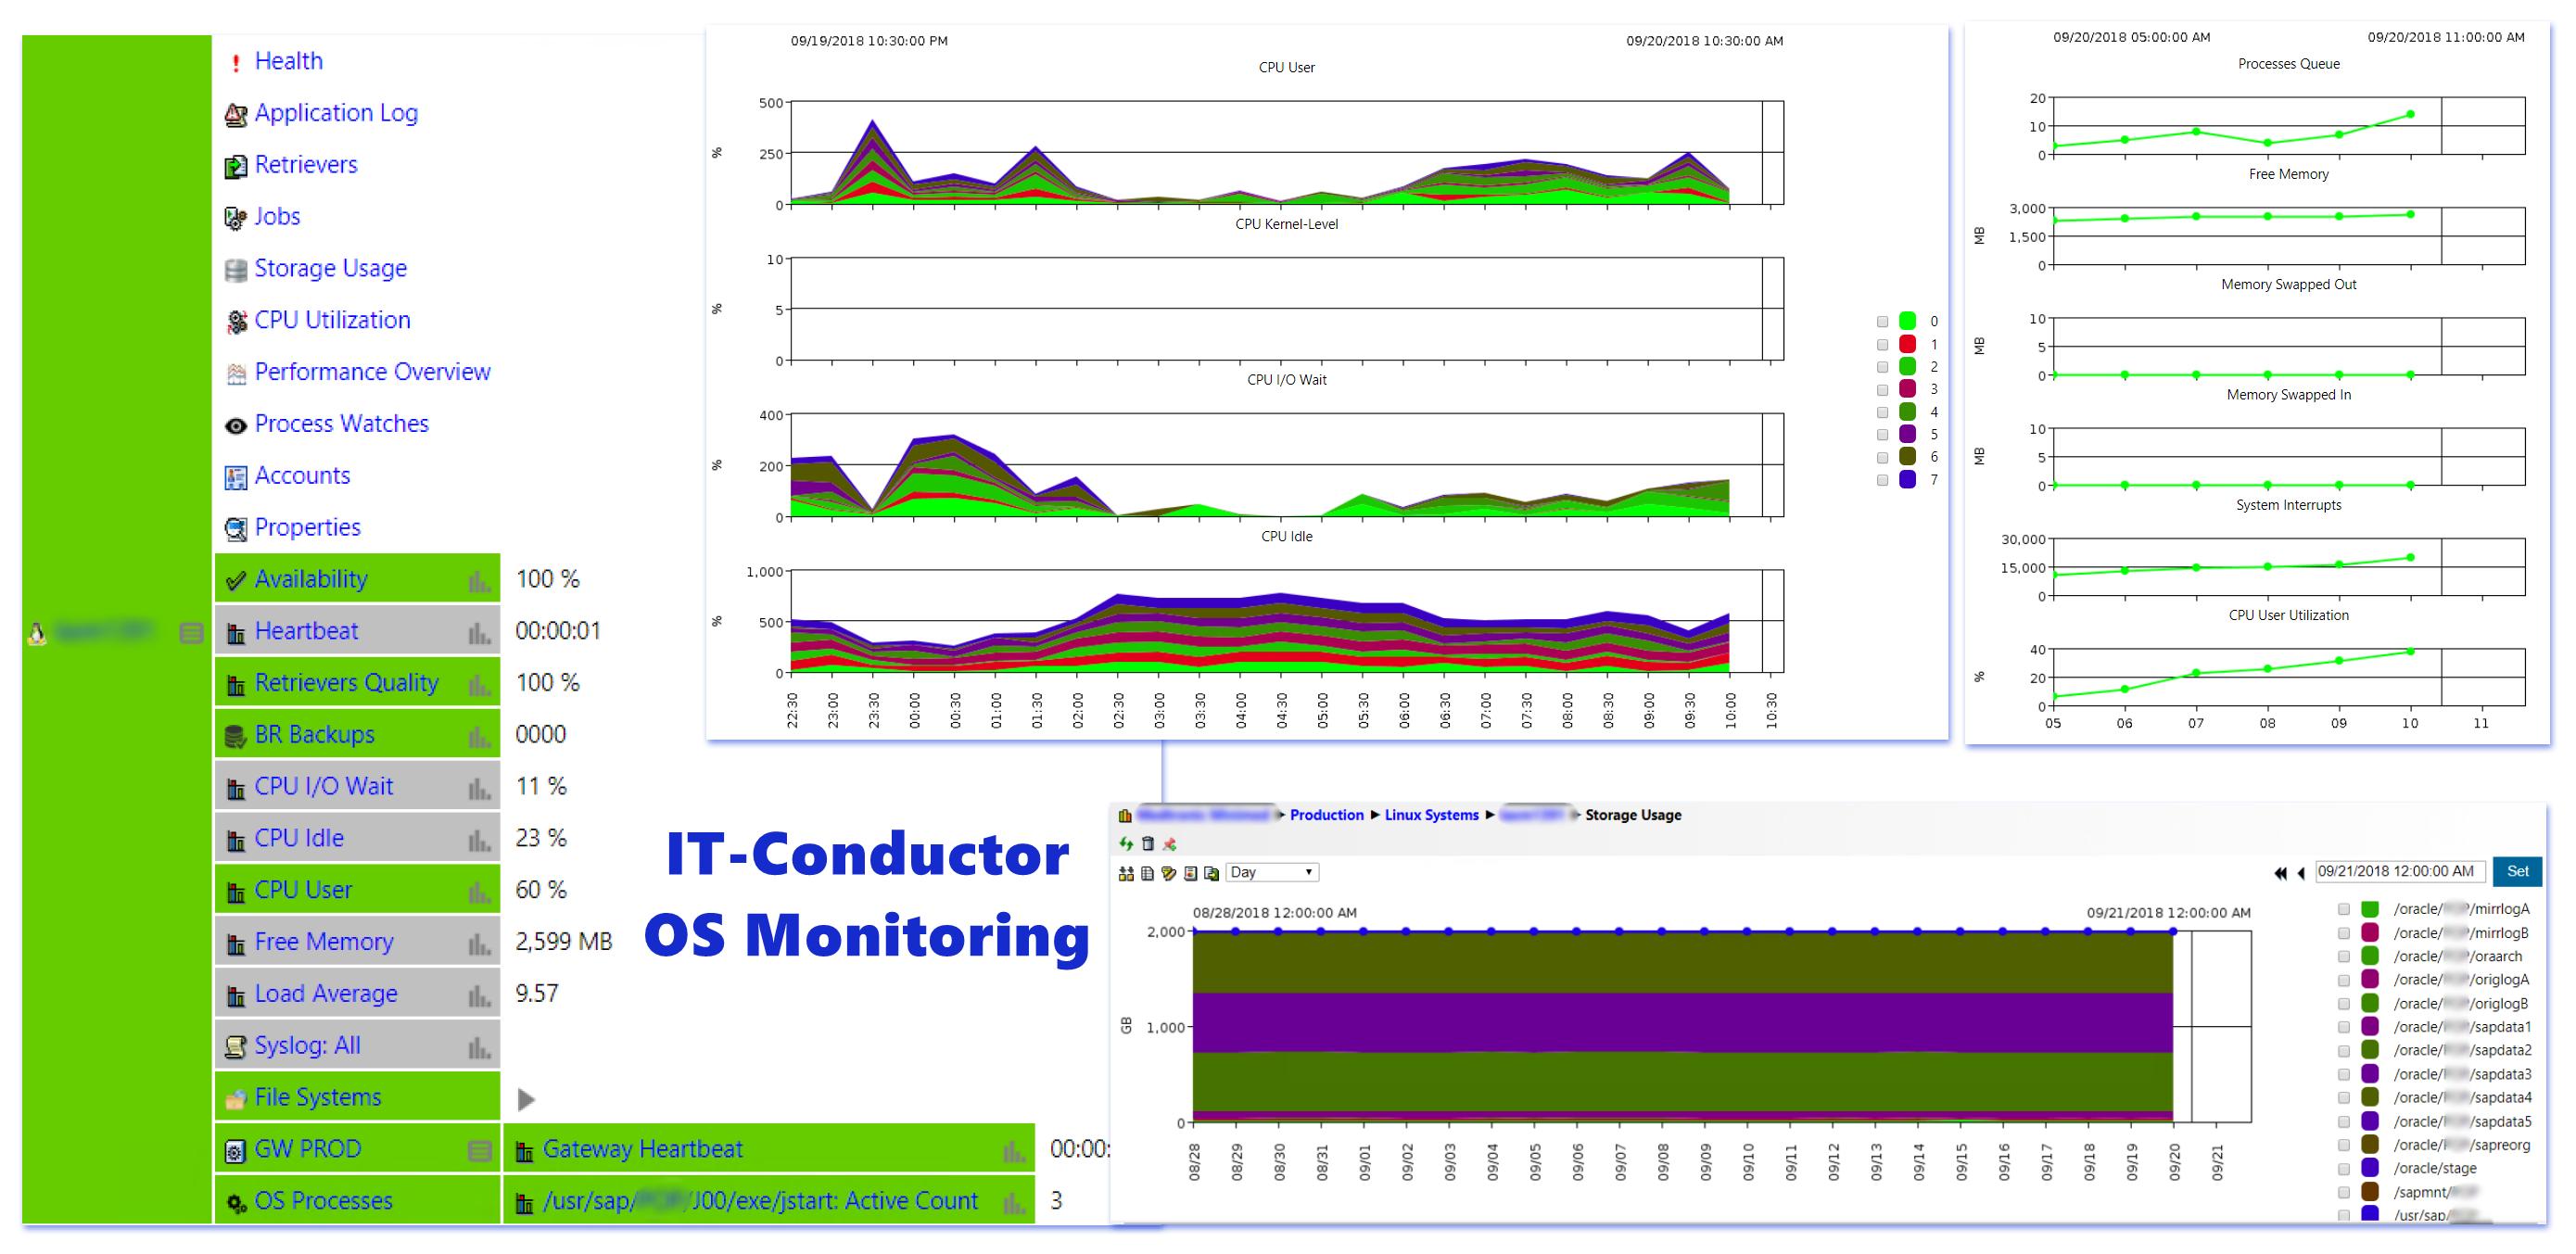 IT-Conductor SAP Basis - OS Monitoring